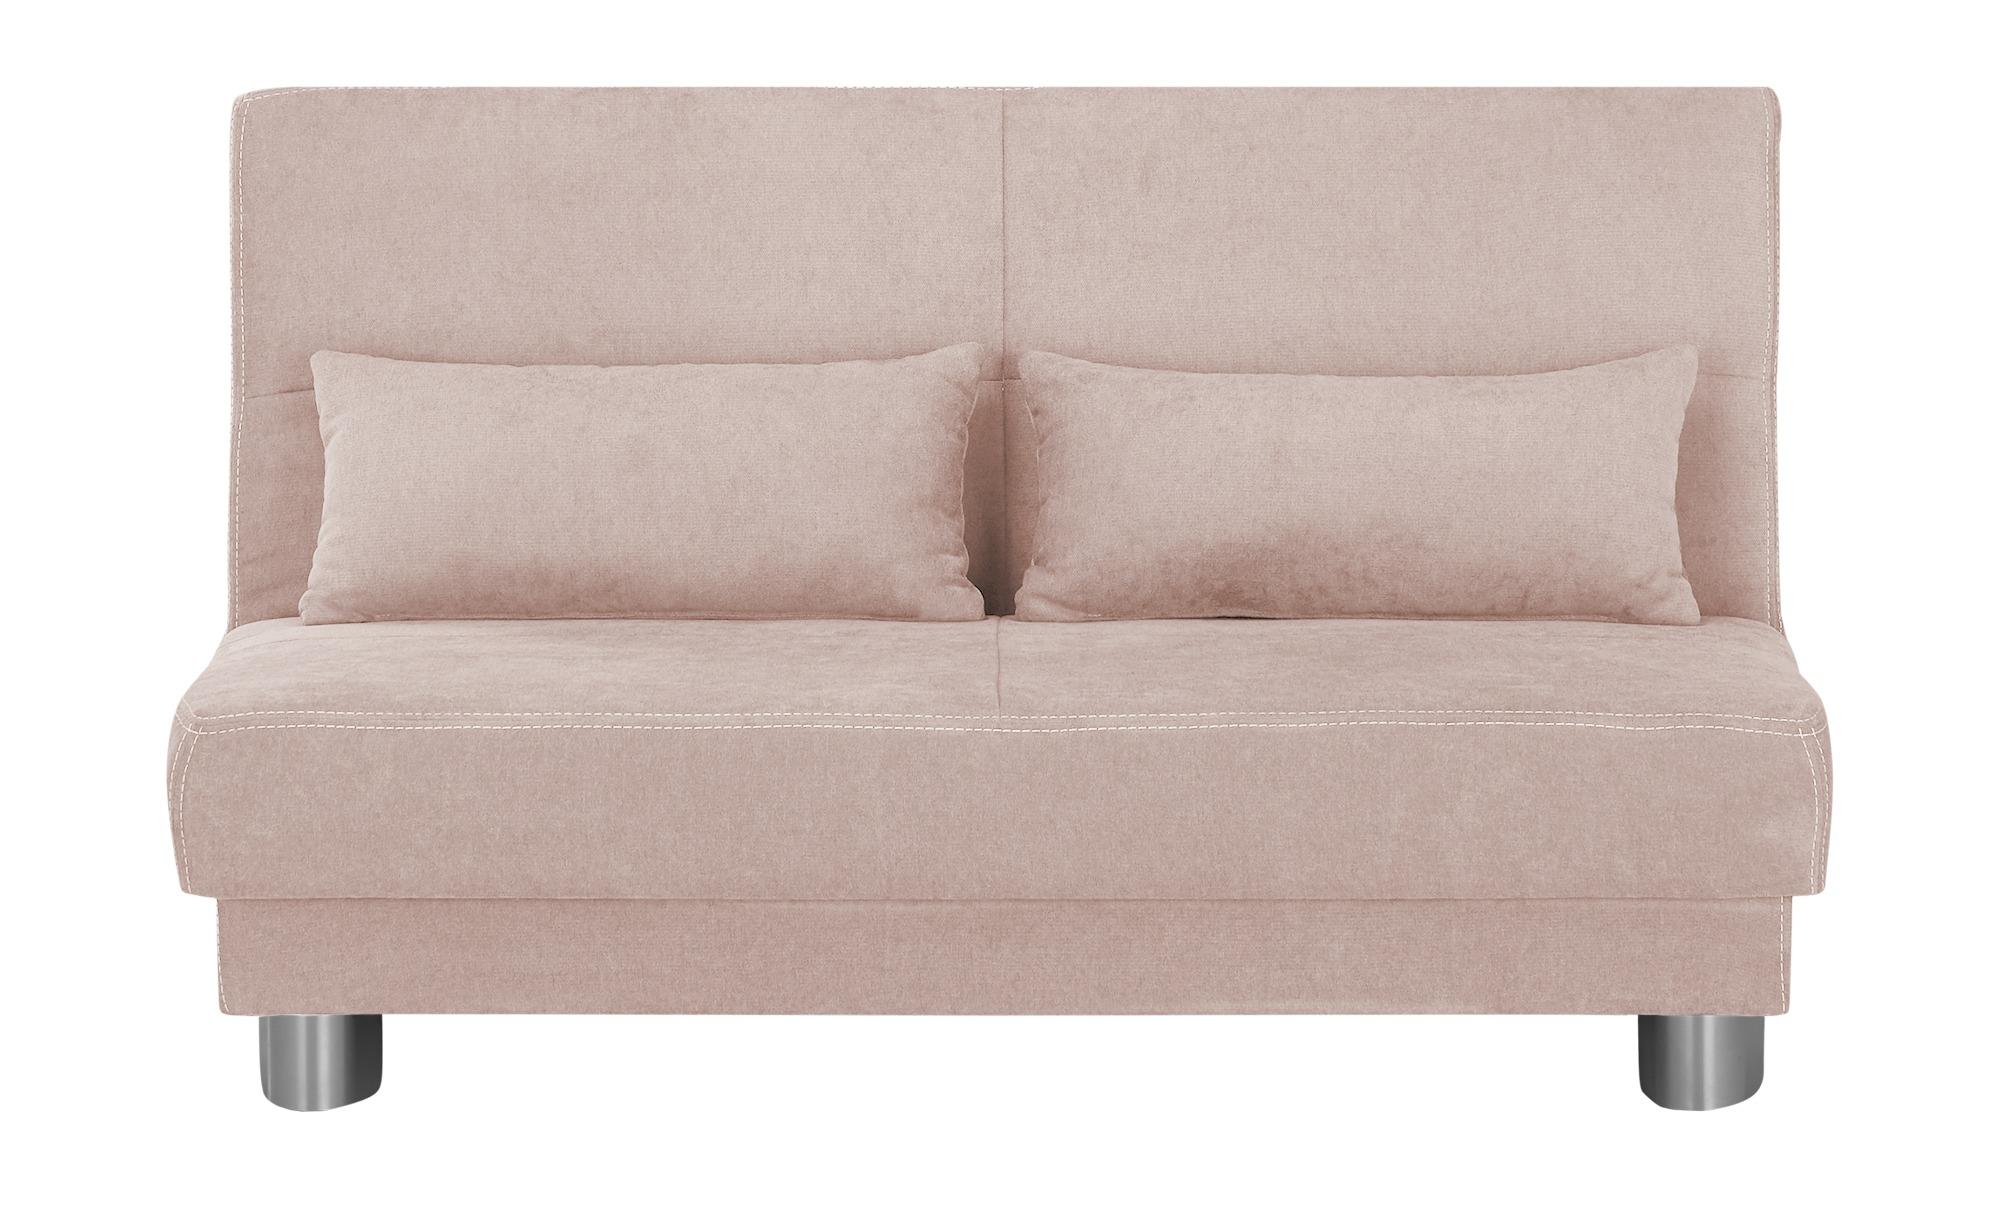 Schlafsofa  Gina ¦ rosa/pink ¦ Maße (cm): B: 140 H: 86 T: 95 Polstermöbel > Sofas > Einzelsofas - Höffner